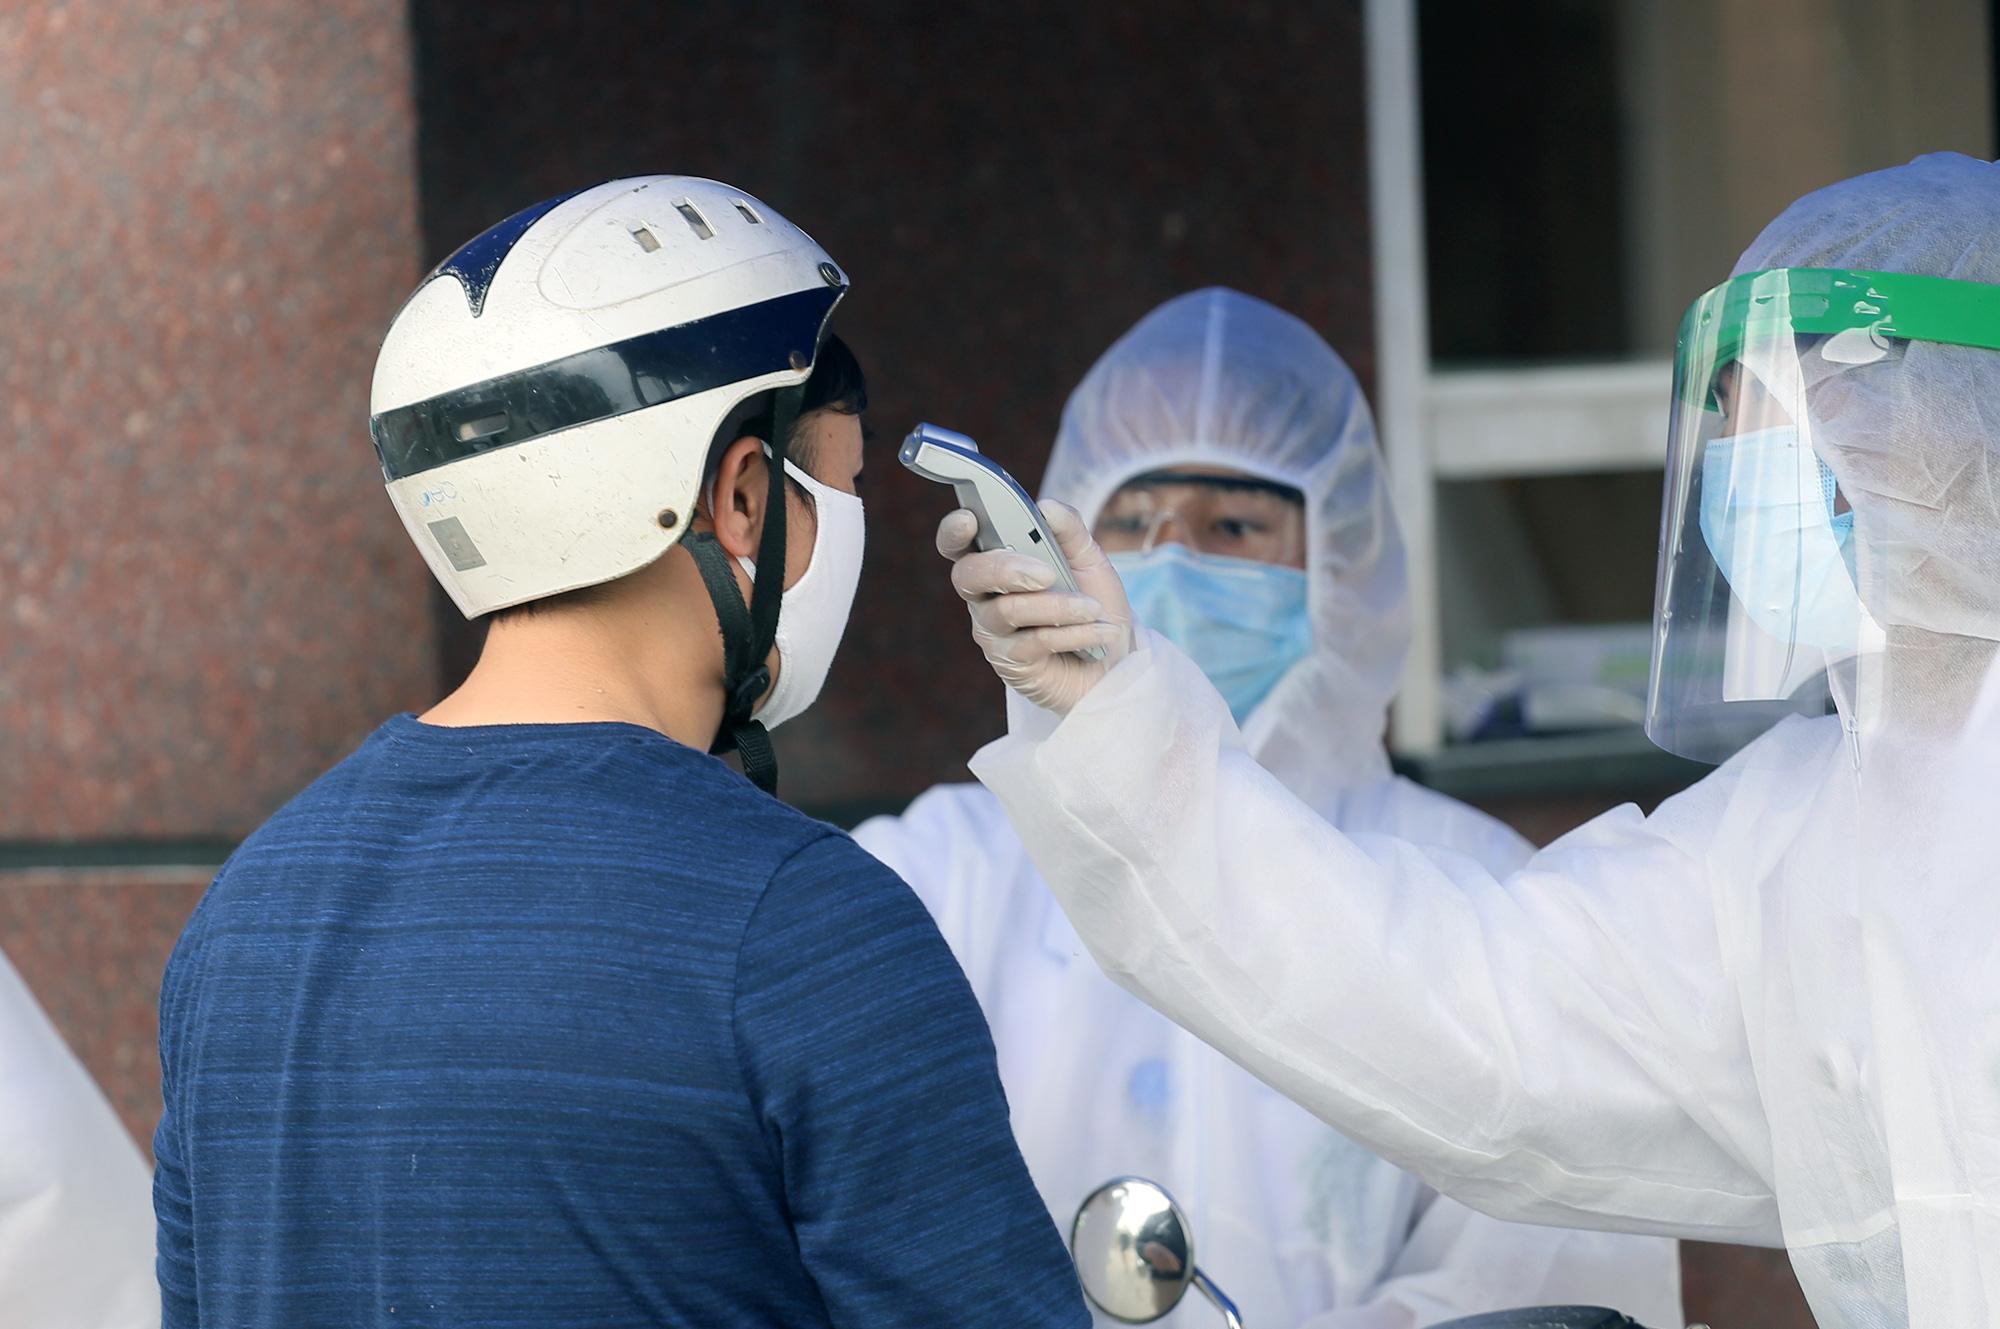 Kiểm soát người ra vào bệnh viện Bạch Mai sau khi phát hiện nhiều ca nhiễm Covid-19 - Ảnh 4.